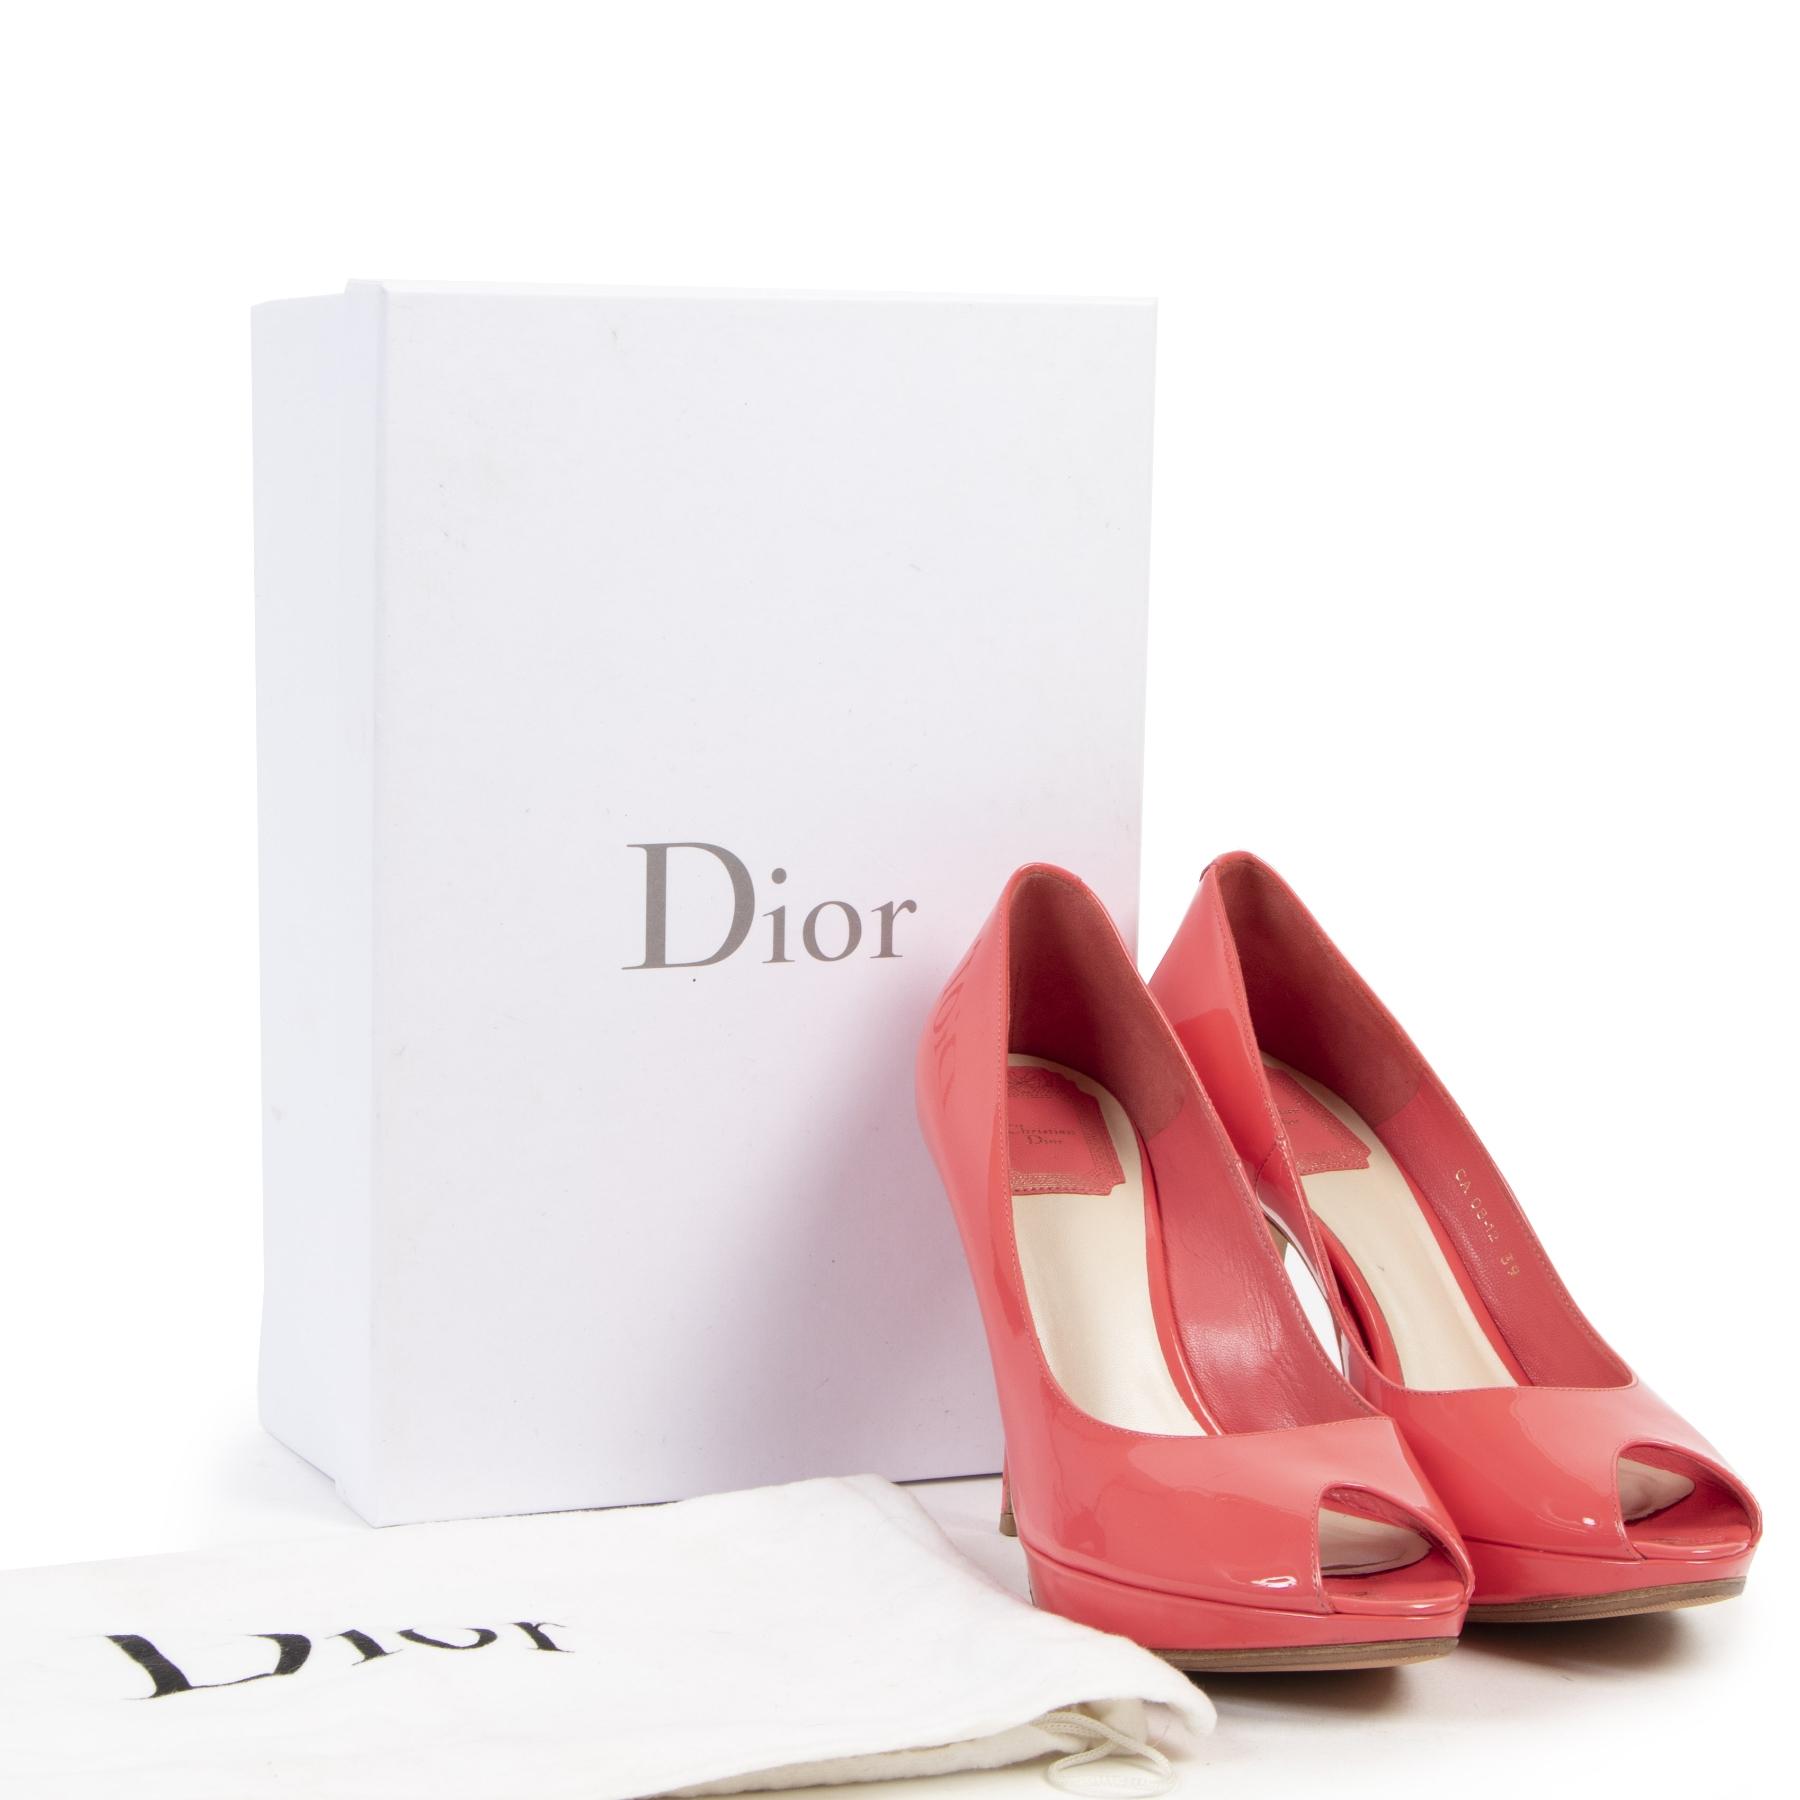 Authentieke tweedehands vintage Dior Pink Open Toe Pumps - Size 39 koop online webshop LabelLOV